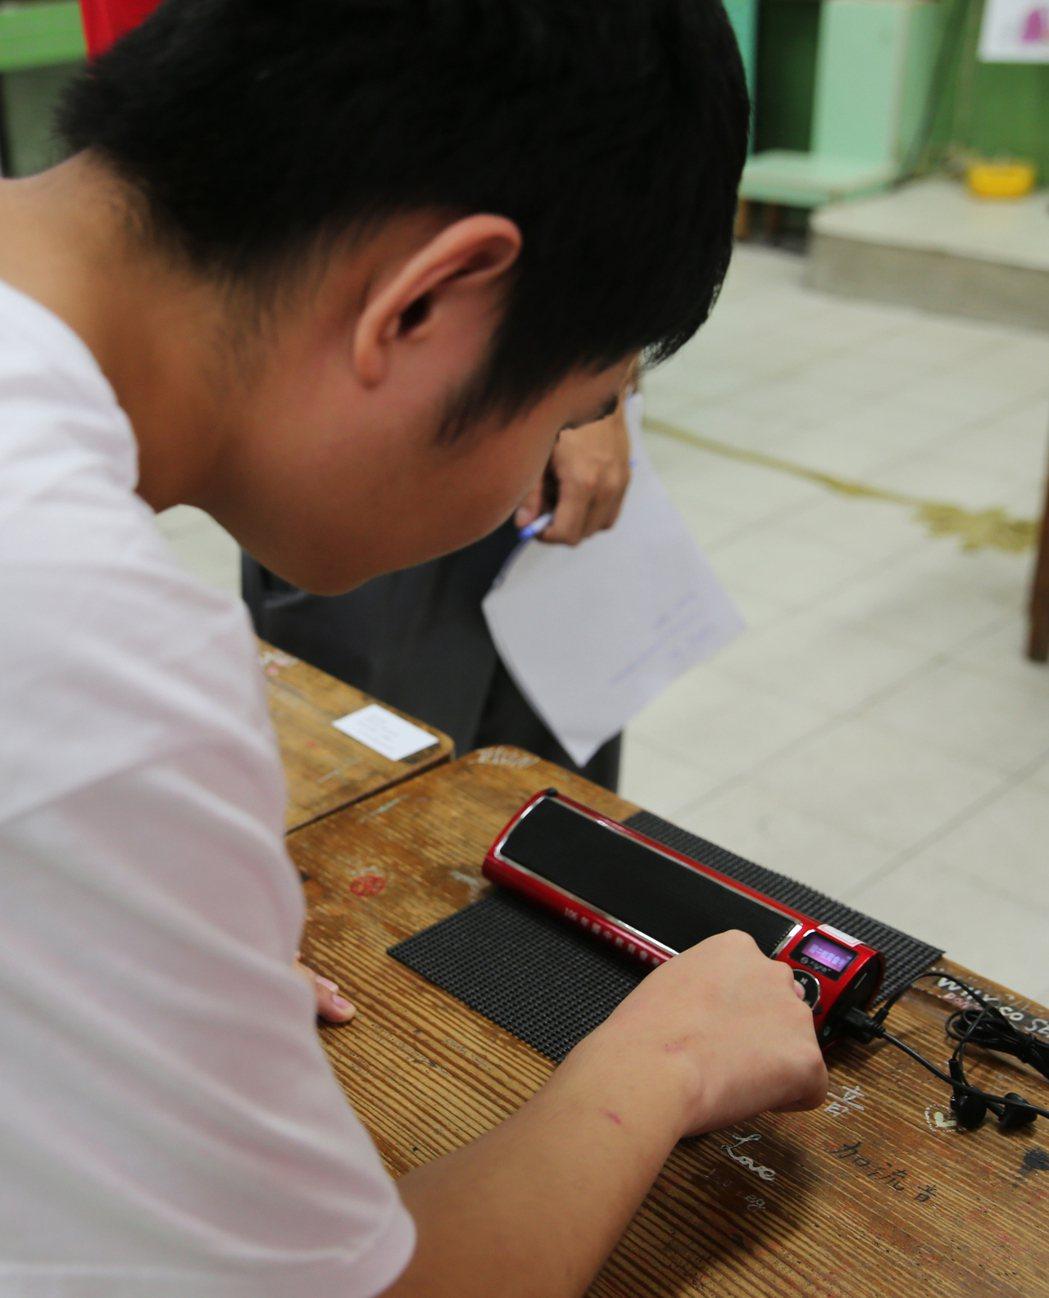 視障考生當場試用點字機及報讀機。記者徐兆玄/攝影